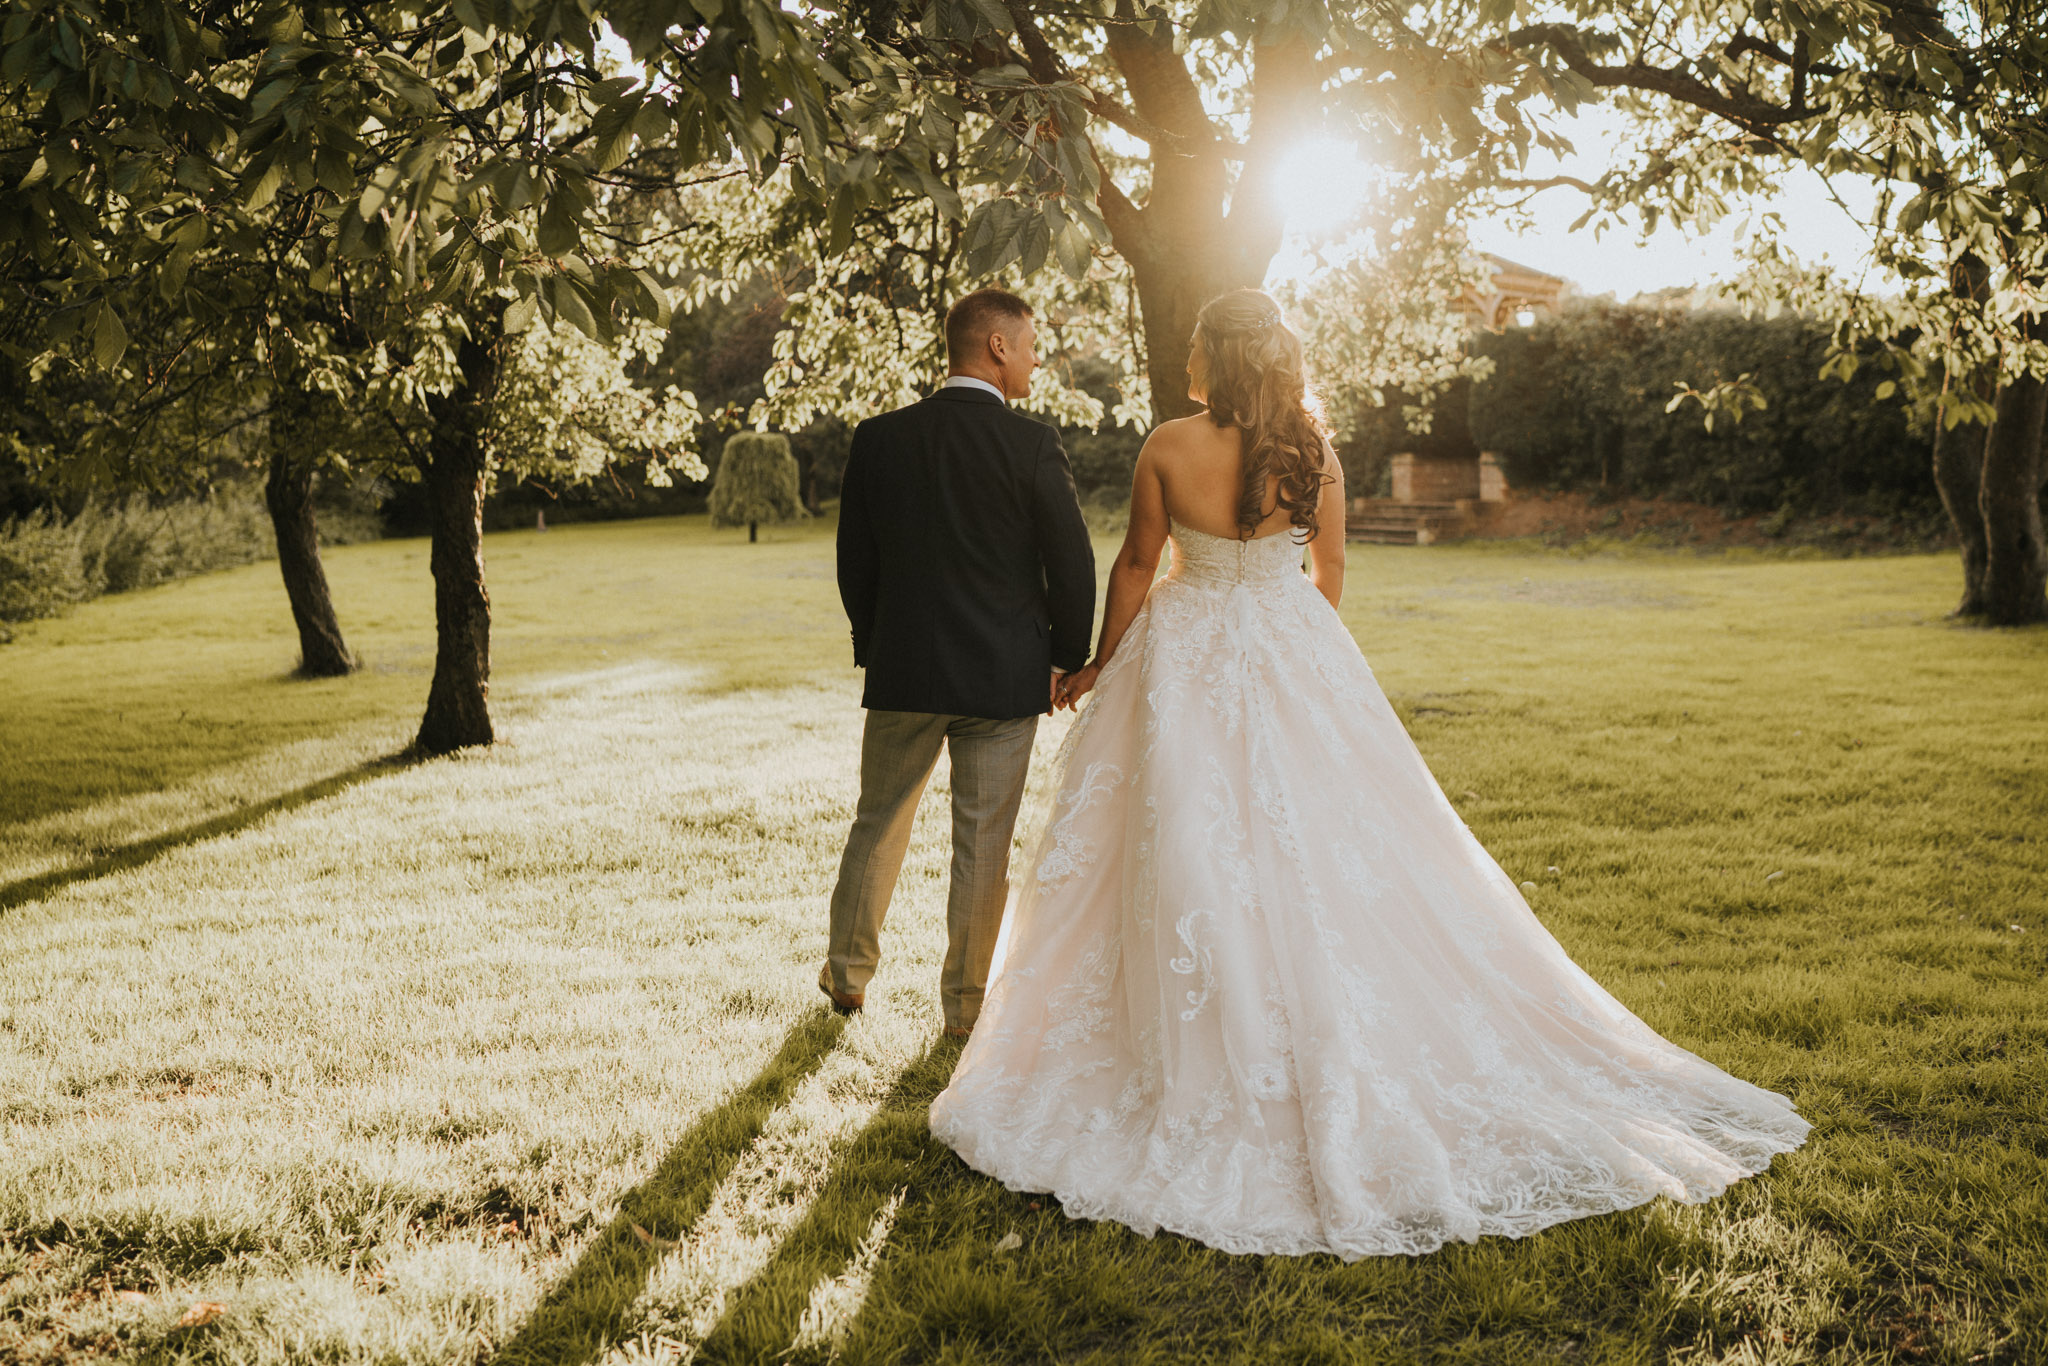 Sarah-Paul-Essex-Barn-Wedding-Previews-Grace-Elizabeth-Essex-Alternative-Wedding-Photographer-Colchester-Essex-Suffolk-Norfolk-Devon+(30+of+32).jpg